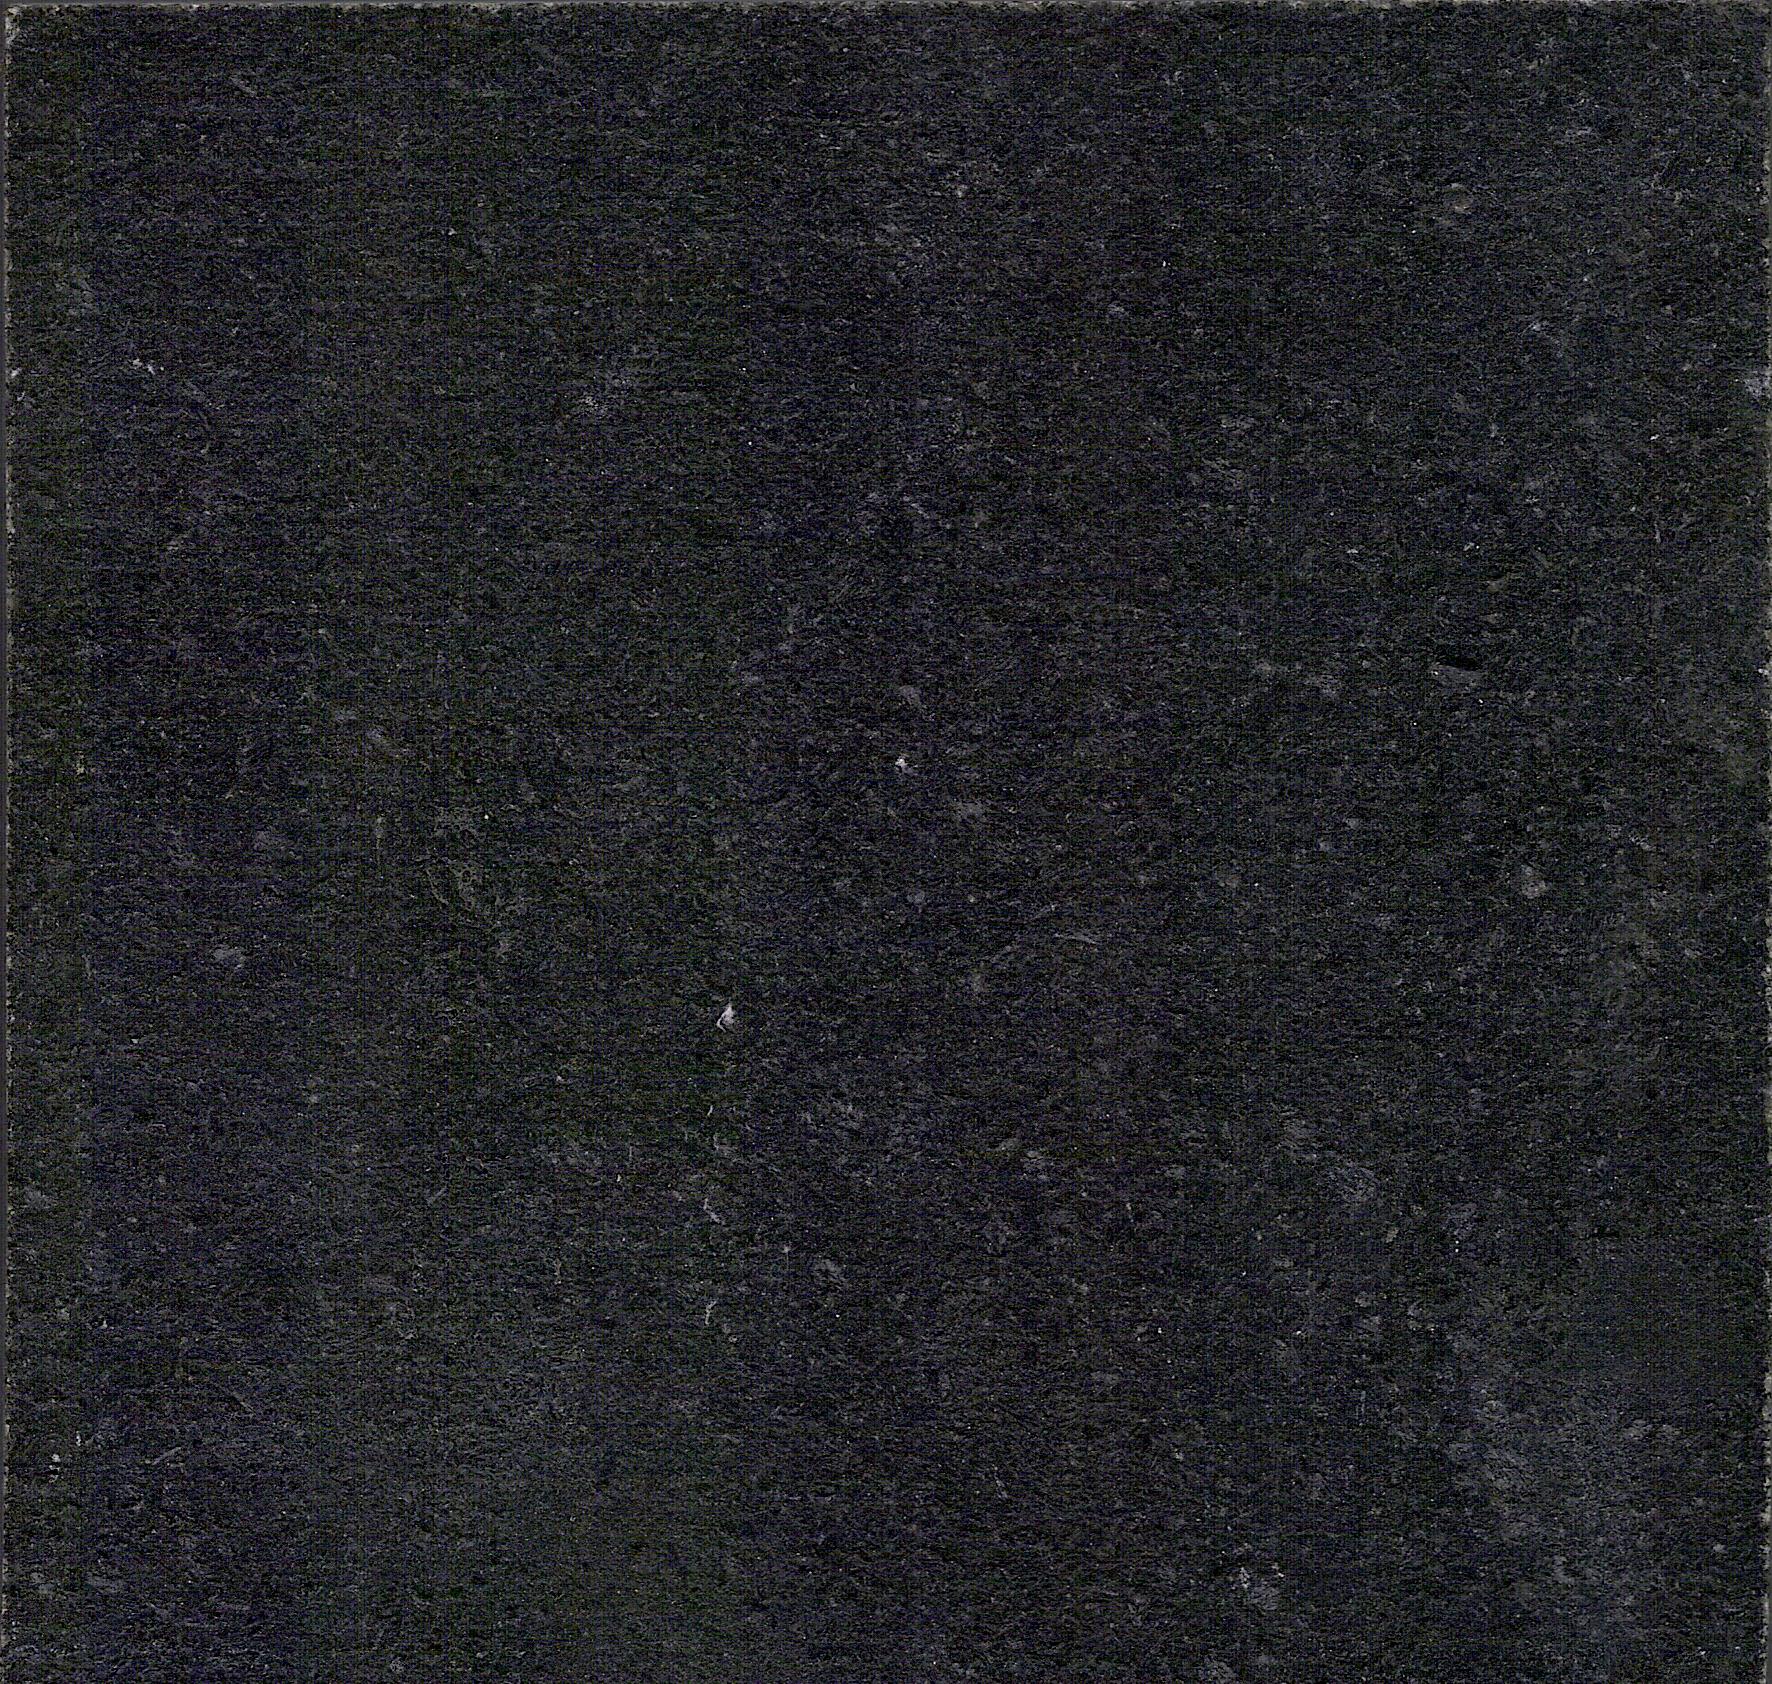 黑色石材冲仿面